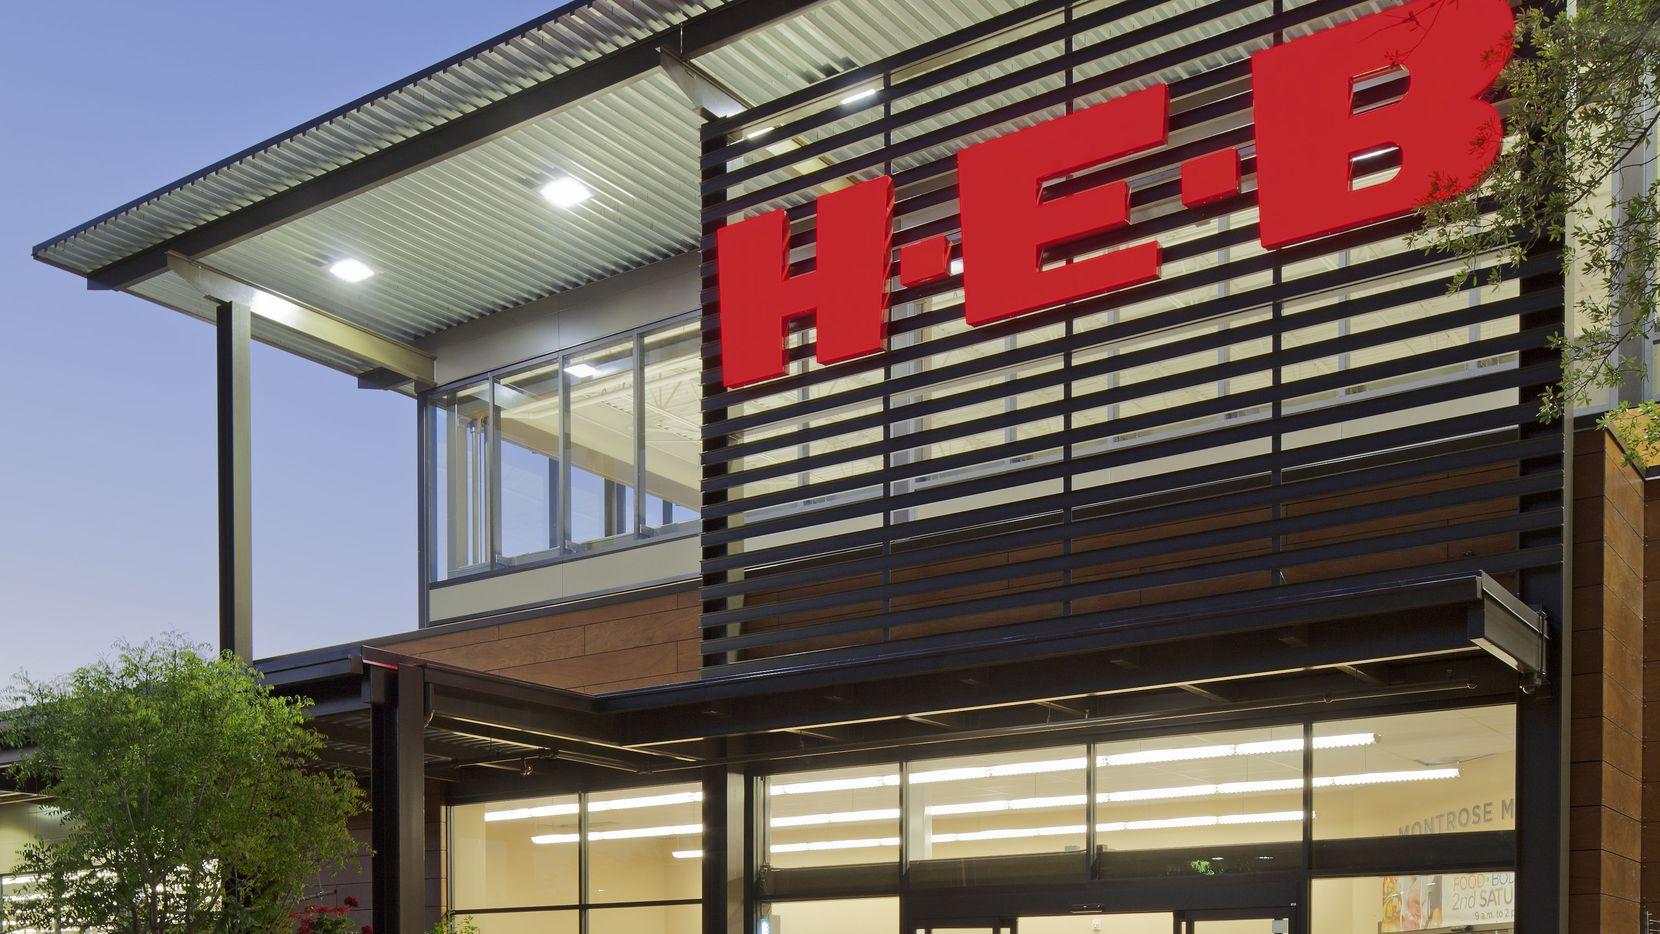 Una clásica fachada de un supermercado H-E-B. La popular cadena anunció que finalmente abrirá dos tiendas en el Norte de Texas.